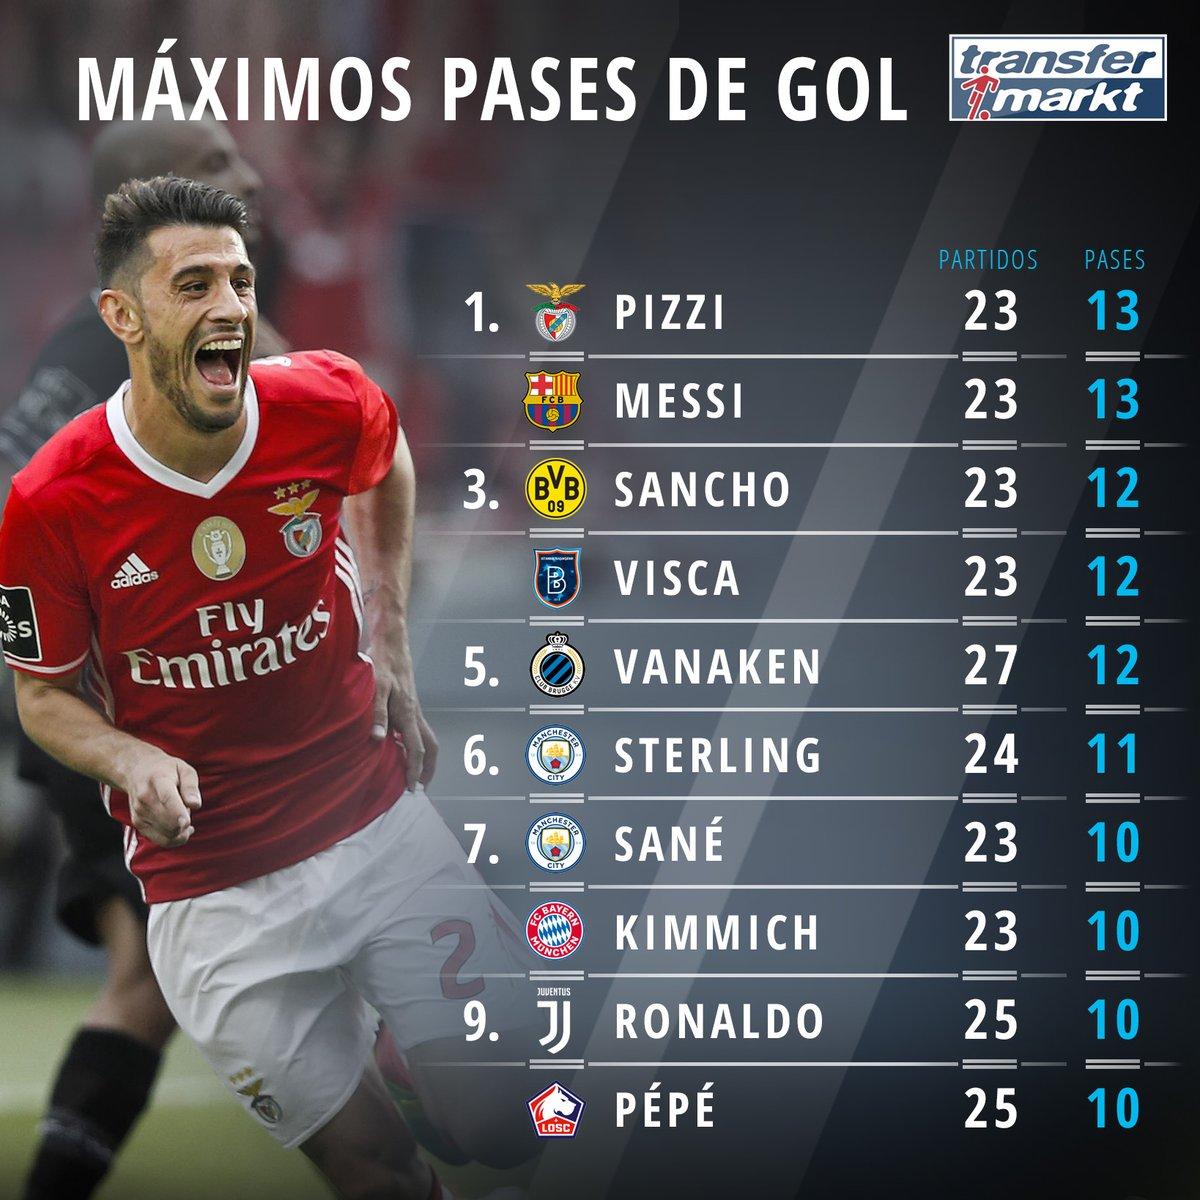 欧洲十大联赛榜:梅西皮齐并列第一,  C罗第 9